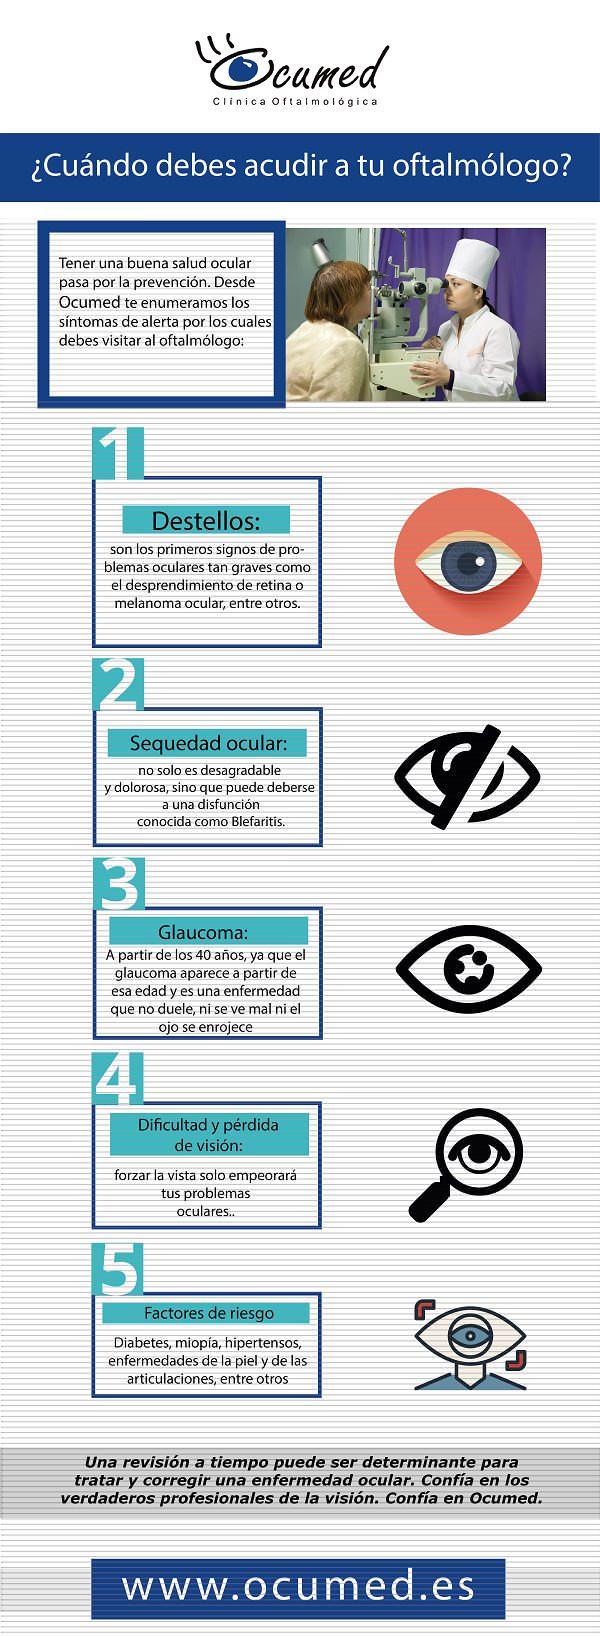 infografia acudir oftalomologo - clinica ocumed